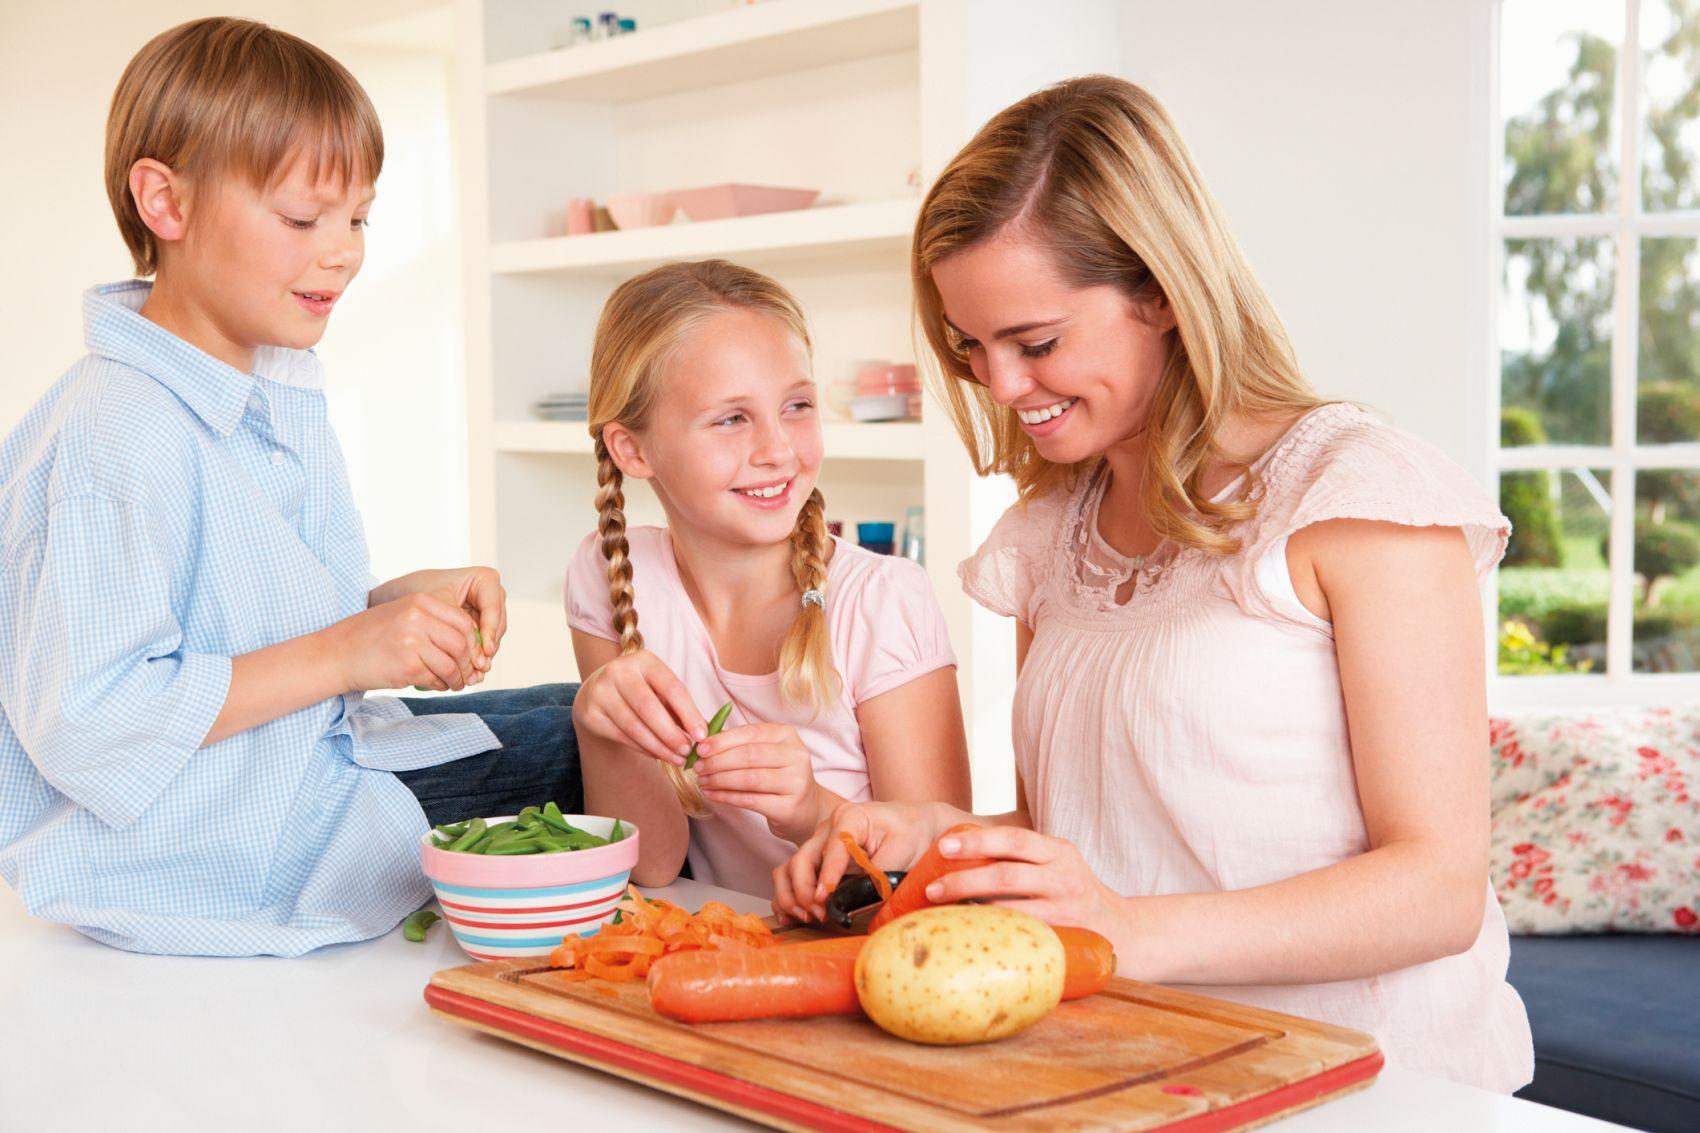 Фото кормит детей и чистит картошку